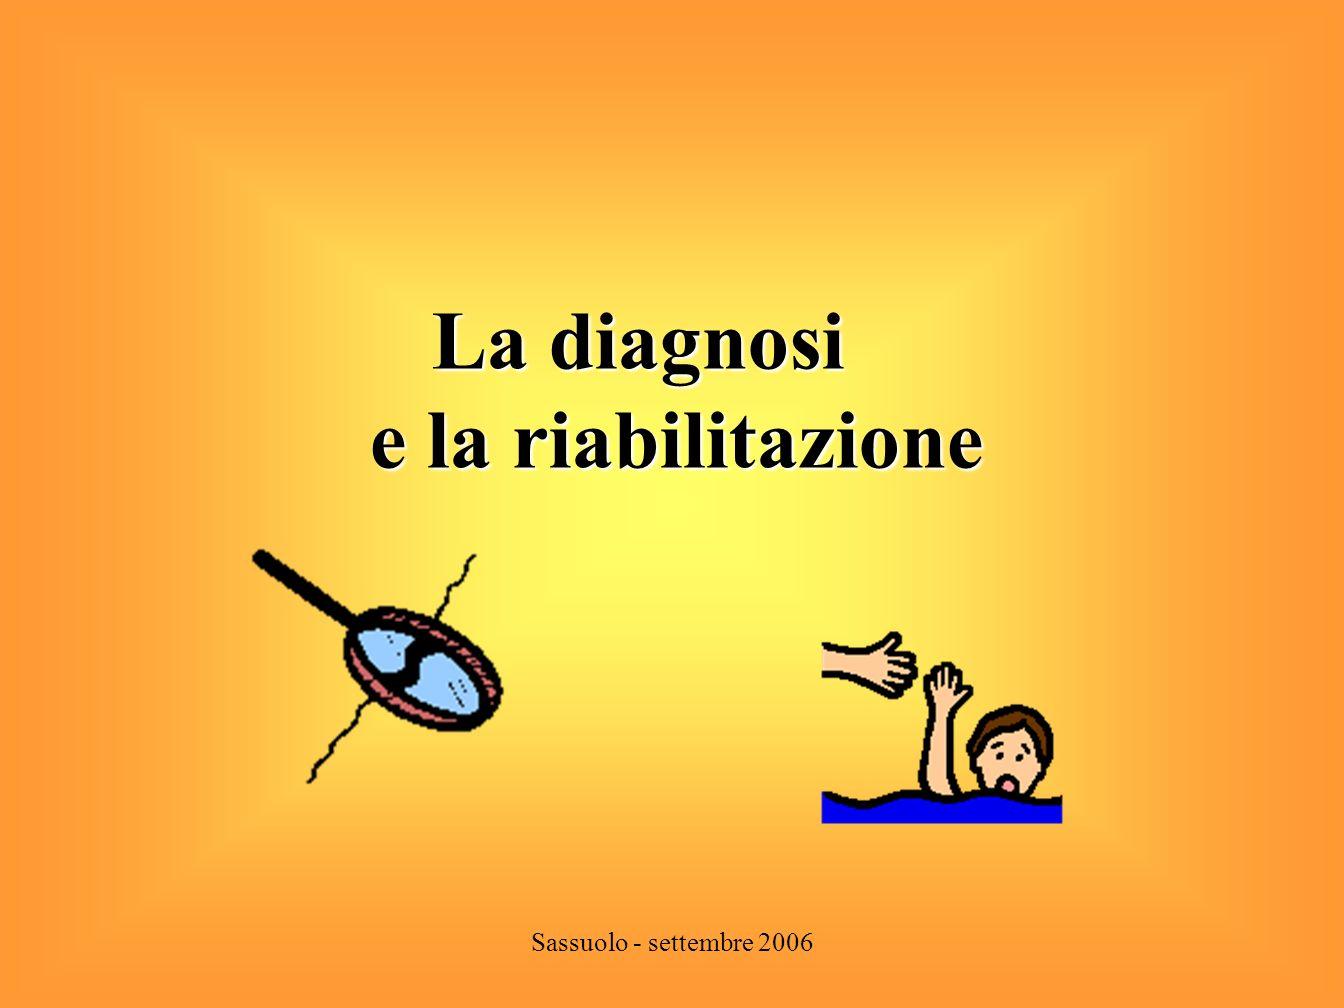 La diagnosi e la riabilitazione Sassuolo - settembre 2006